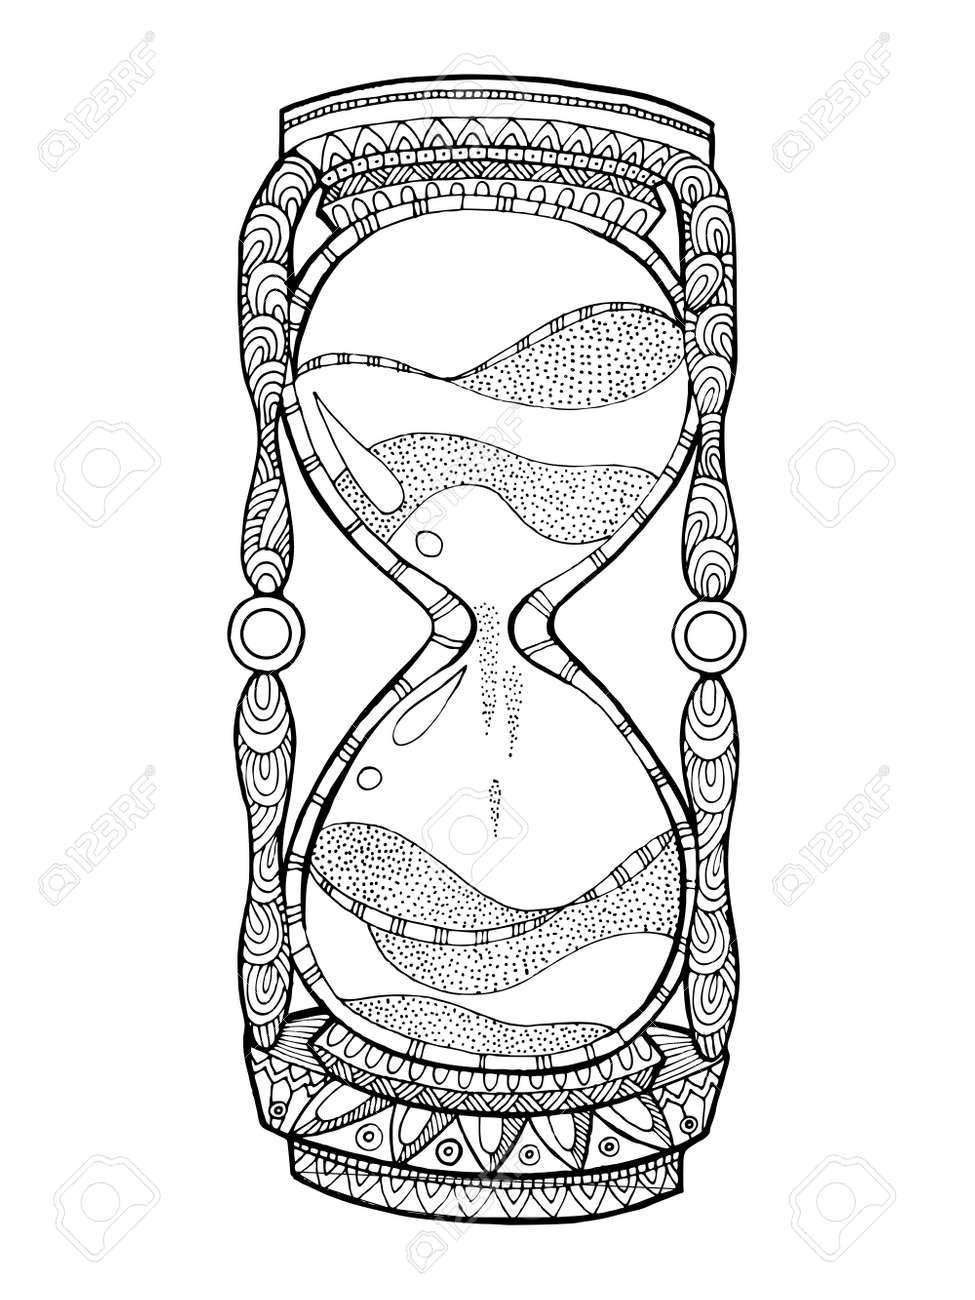 Reloj De Arena Para Colorear Ilustración Vectorial